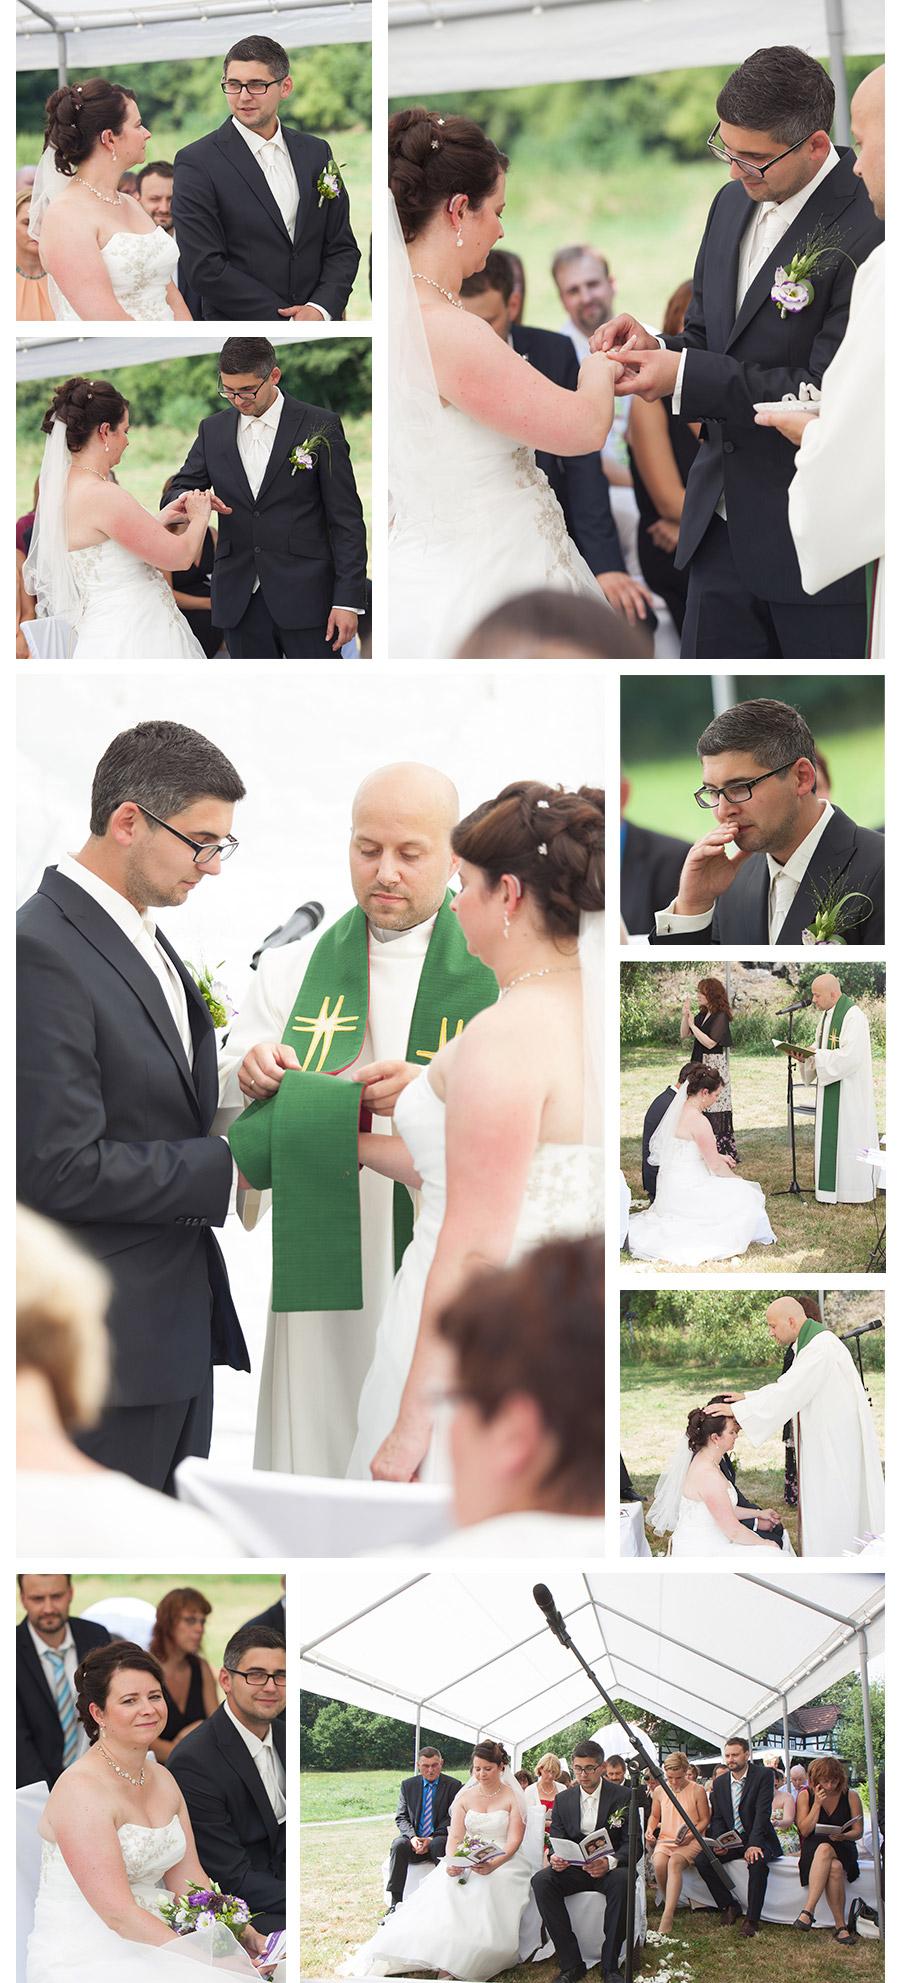 Hochzeit auf der Grünen Wiese - alternative Hochzeit in der Pension und Restaurant Lochbauer in Plauen – Stephanie Scharschmidt Hochzeitsfotograf Plauen